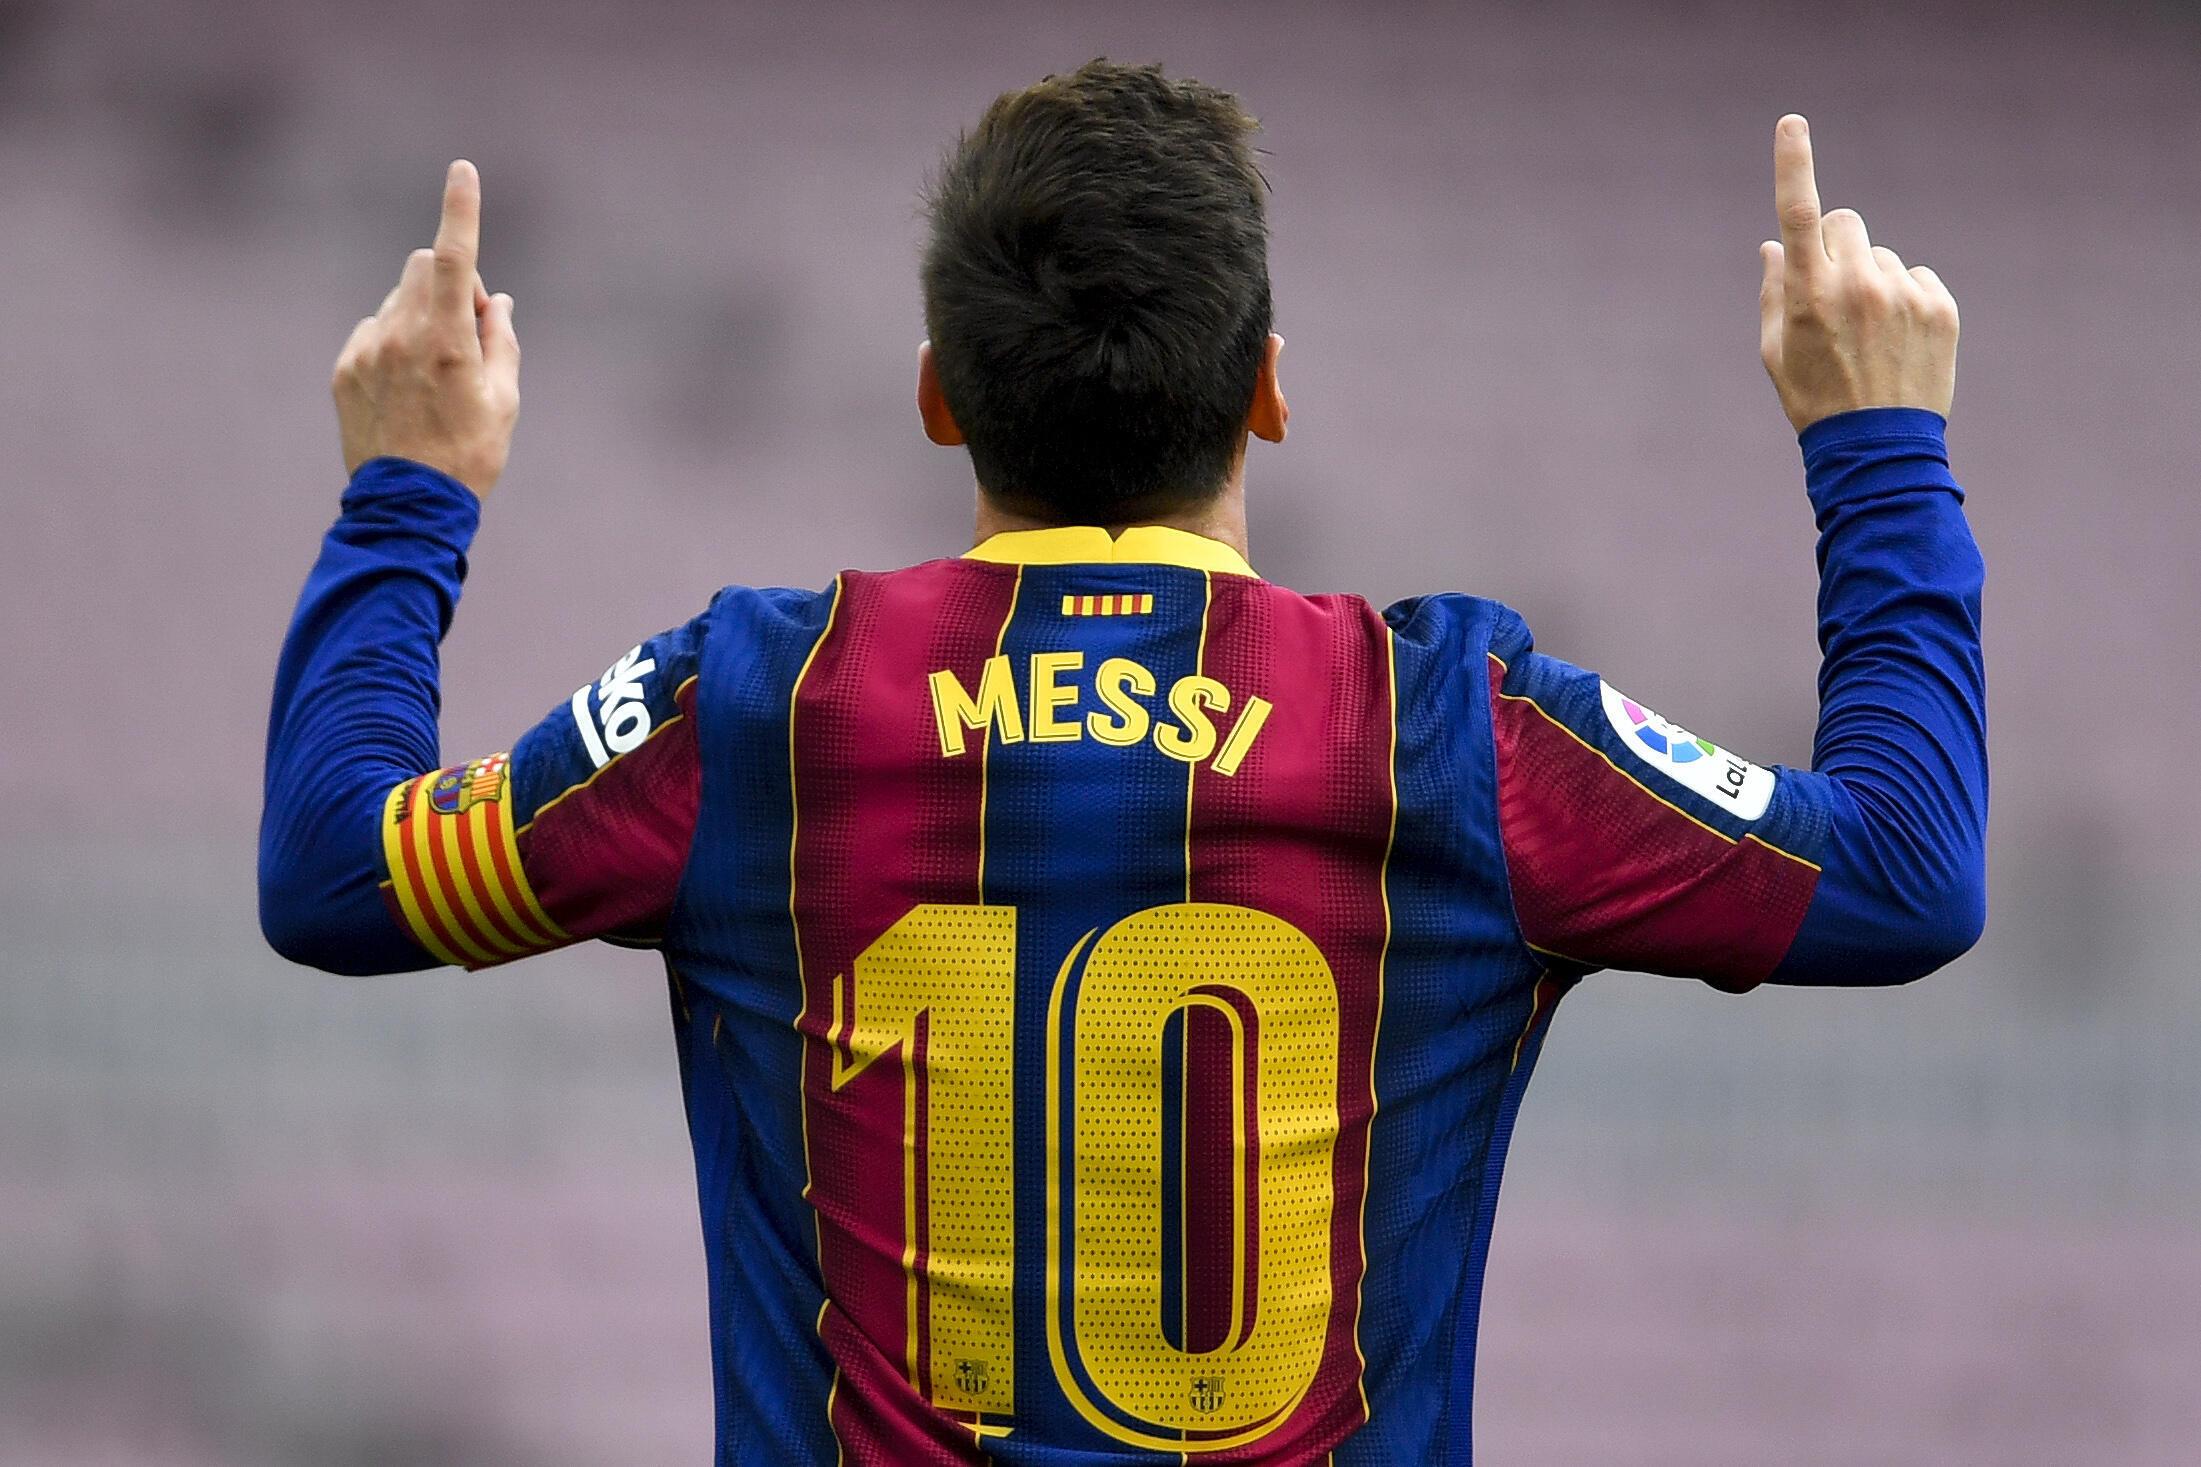 La star argentine du FC Barcelone Lionel Messi buteur contre le Celta Vigo, le 16 mai 2021 au Camp Nou à Barcelone